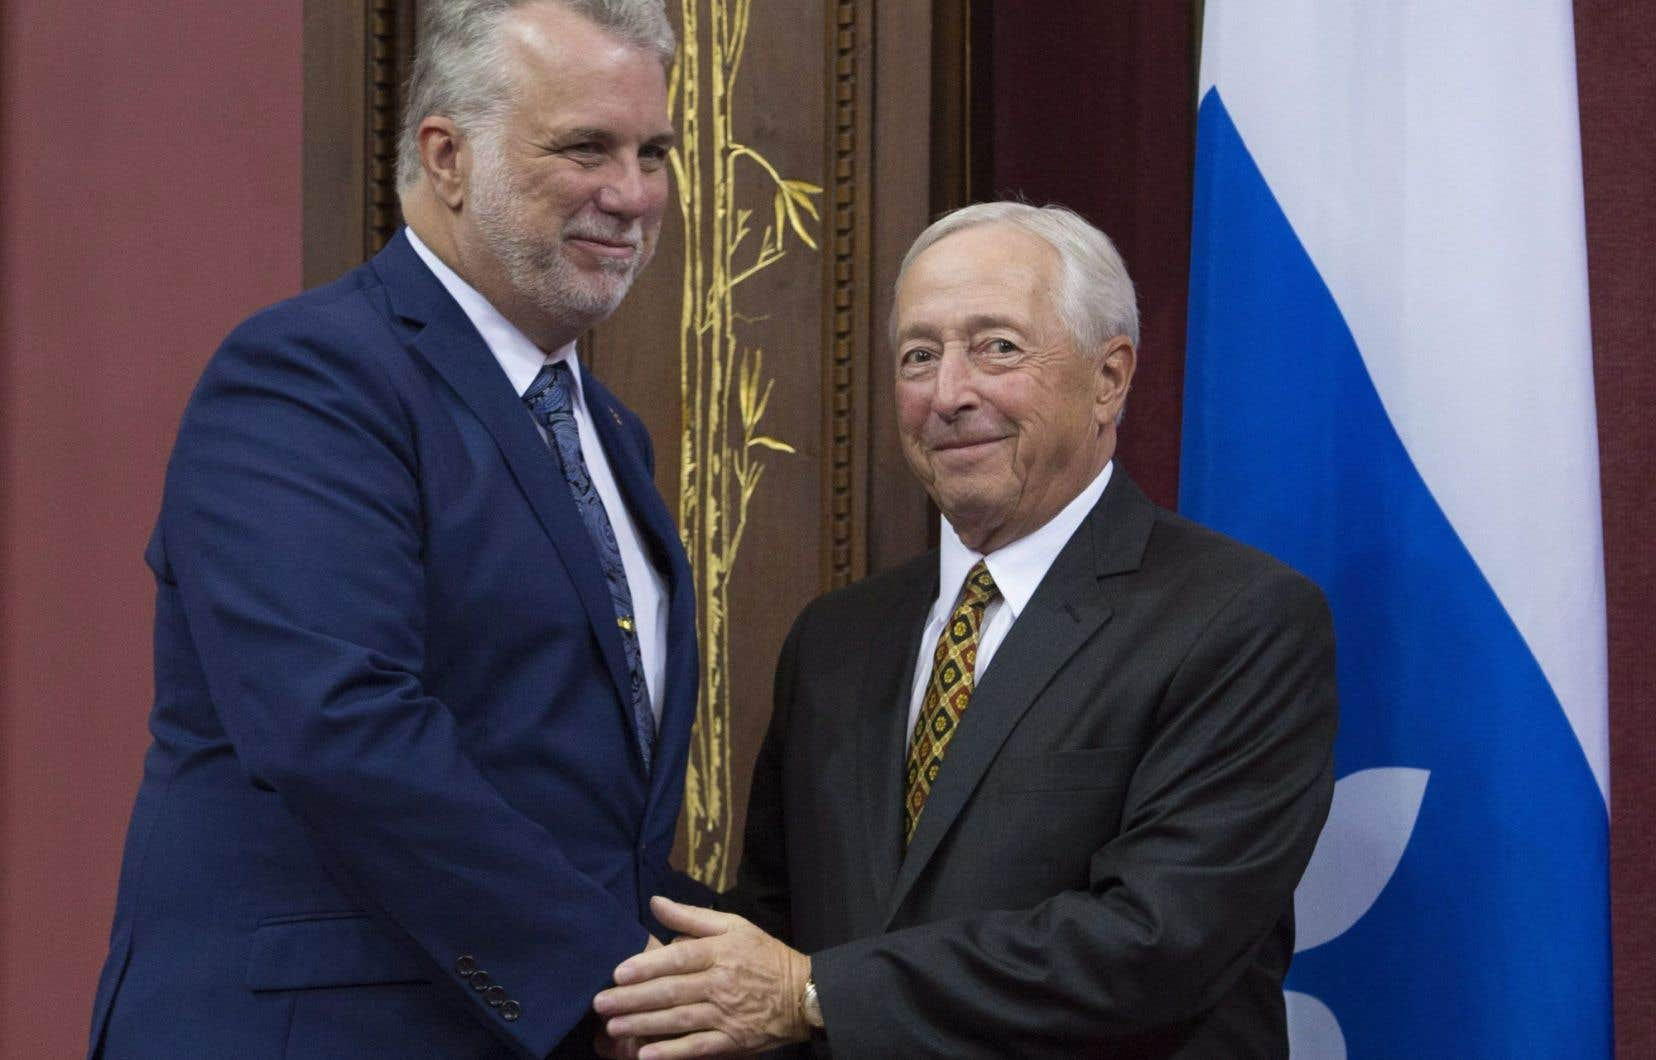 Le nouveau lieutenant-gouverneur du Québec, J. Michel Doyon, en compagnie du premier ministre Philippe Couillard, jeudi à Québec